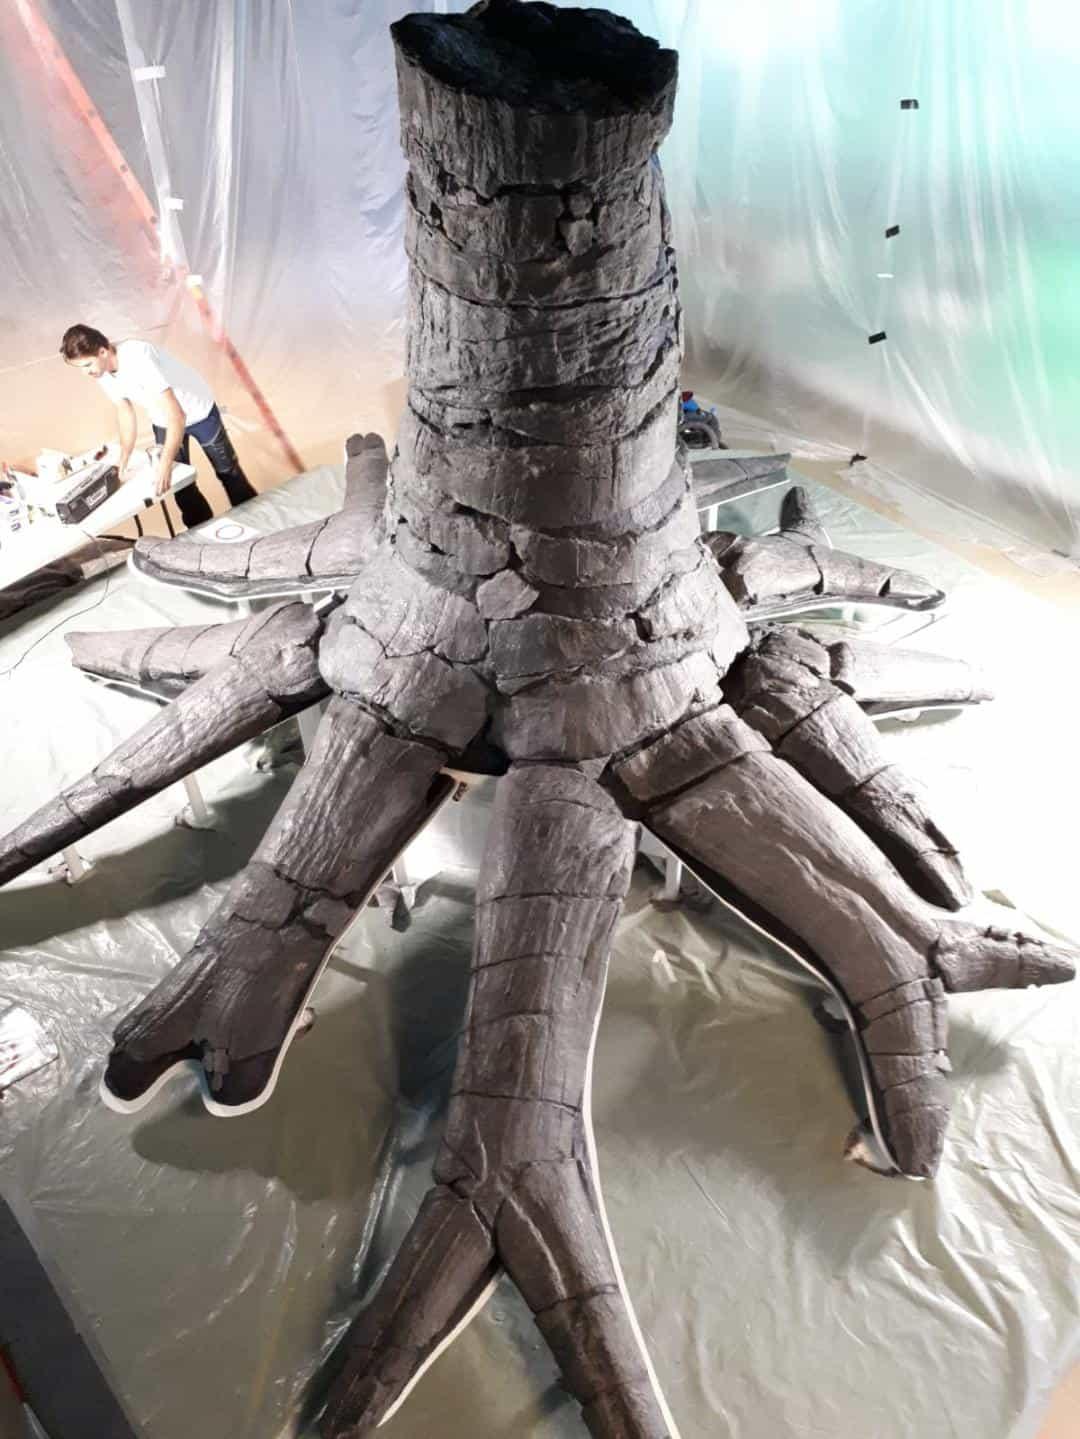 Fossilien & Dinosaurier | Wiederaufbau des fossilen Baums | Bergbaumuseum Bochum, Deutschland